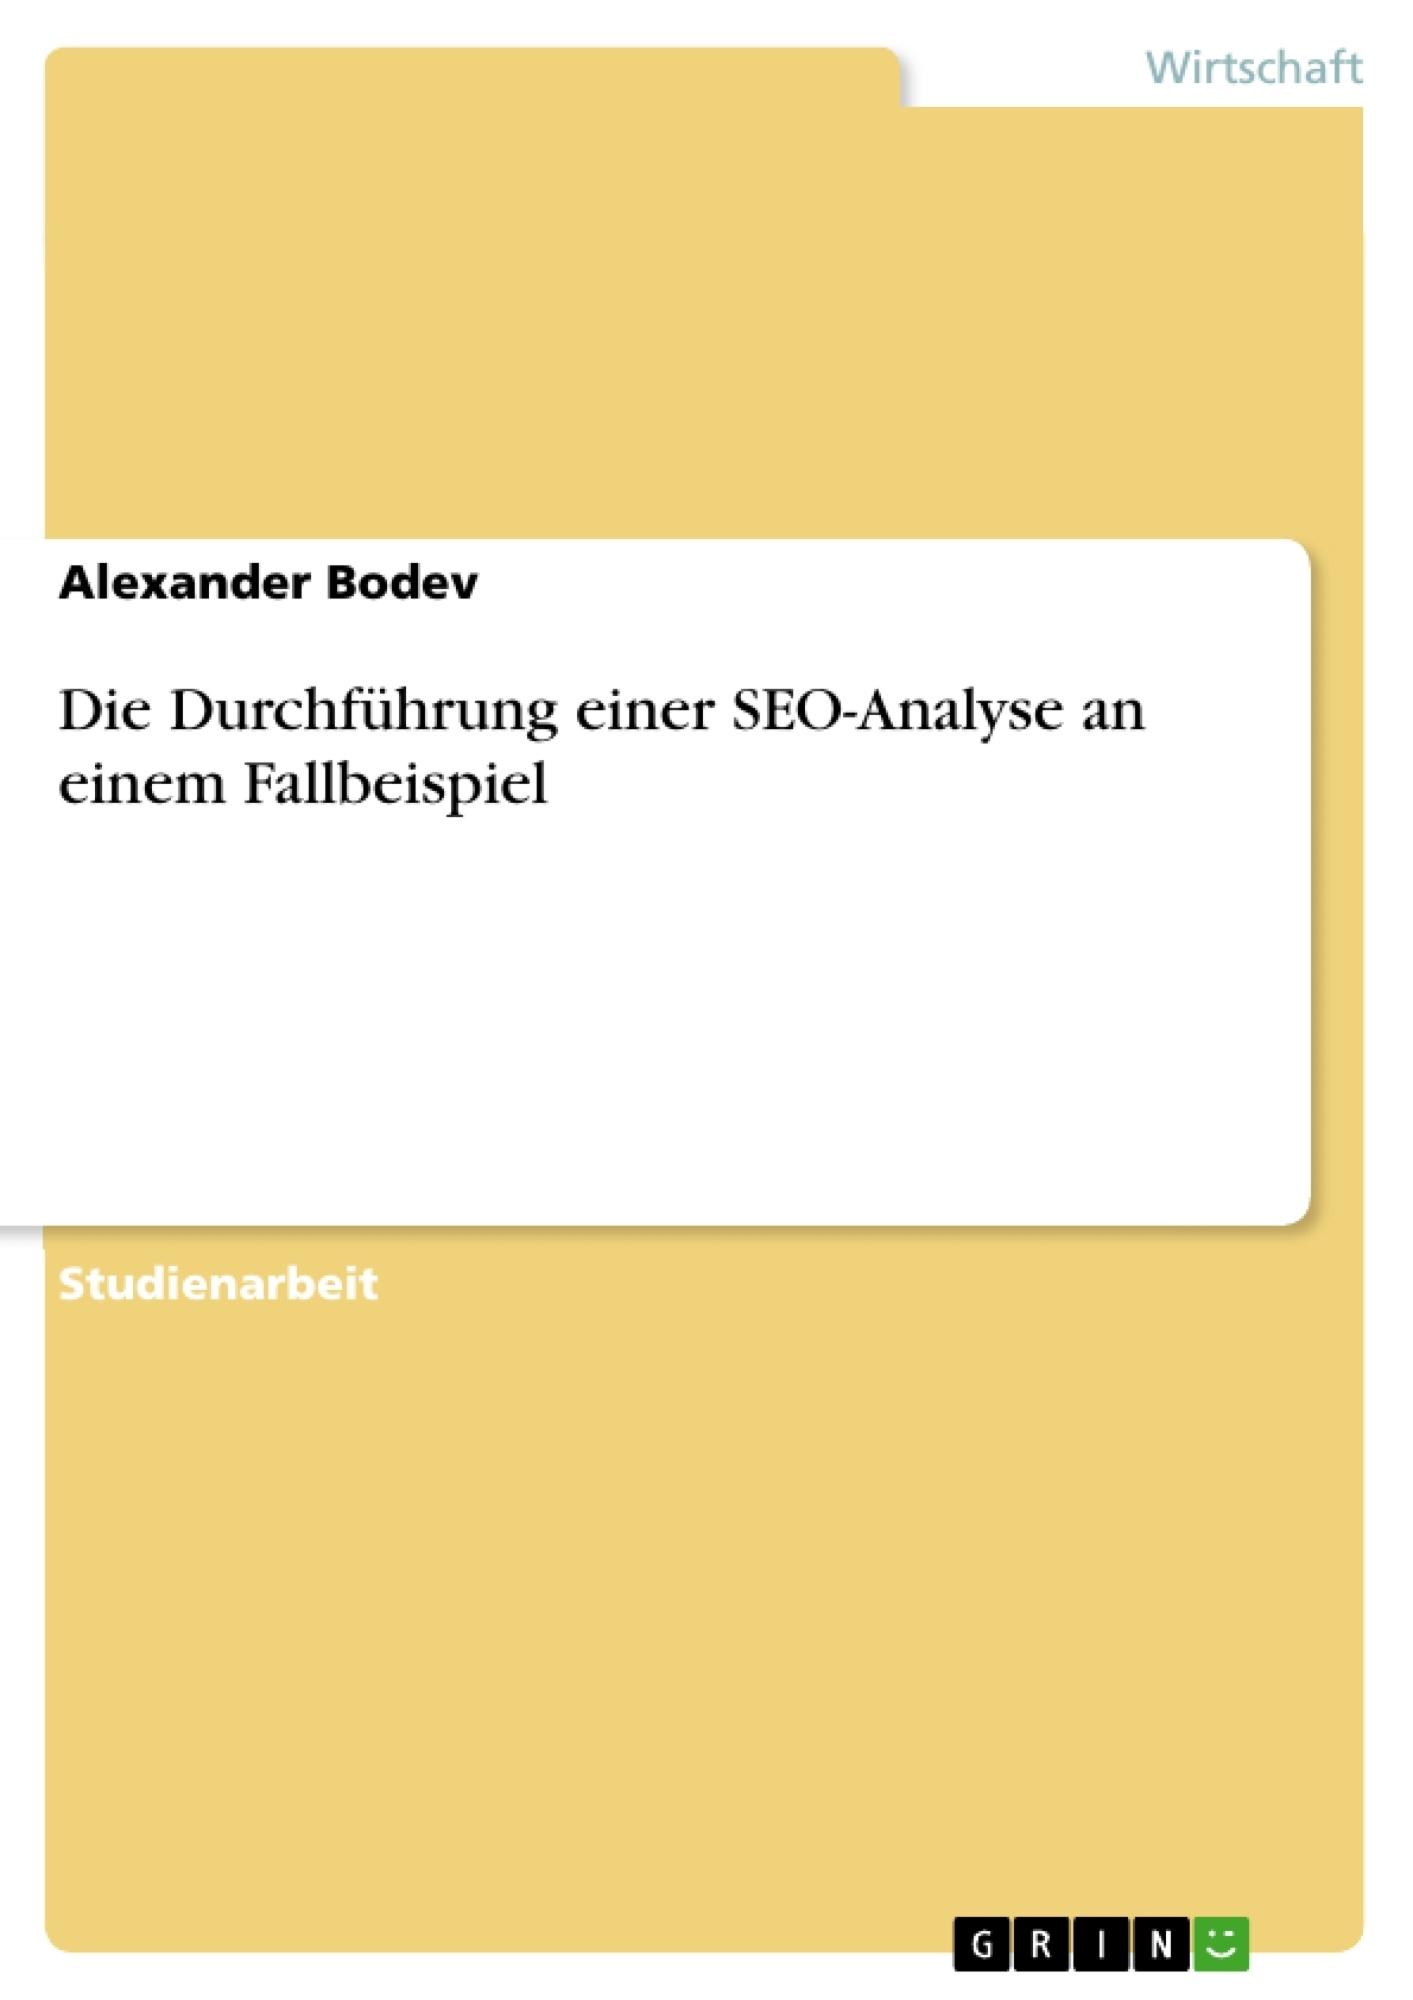 Titel: Die Durchführung einer SEO-Analyse an einem Fallbeispiel